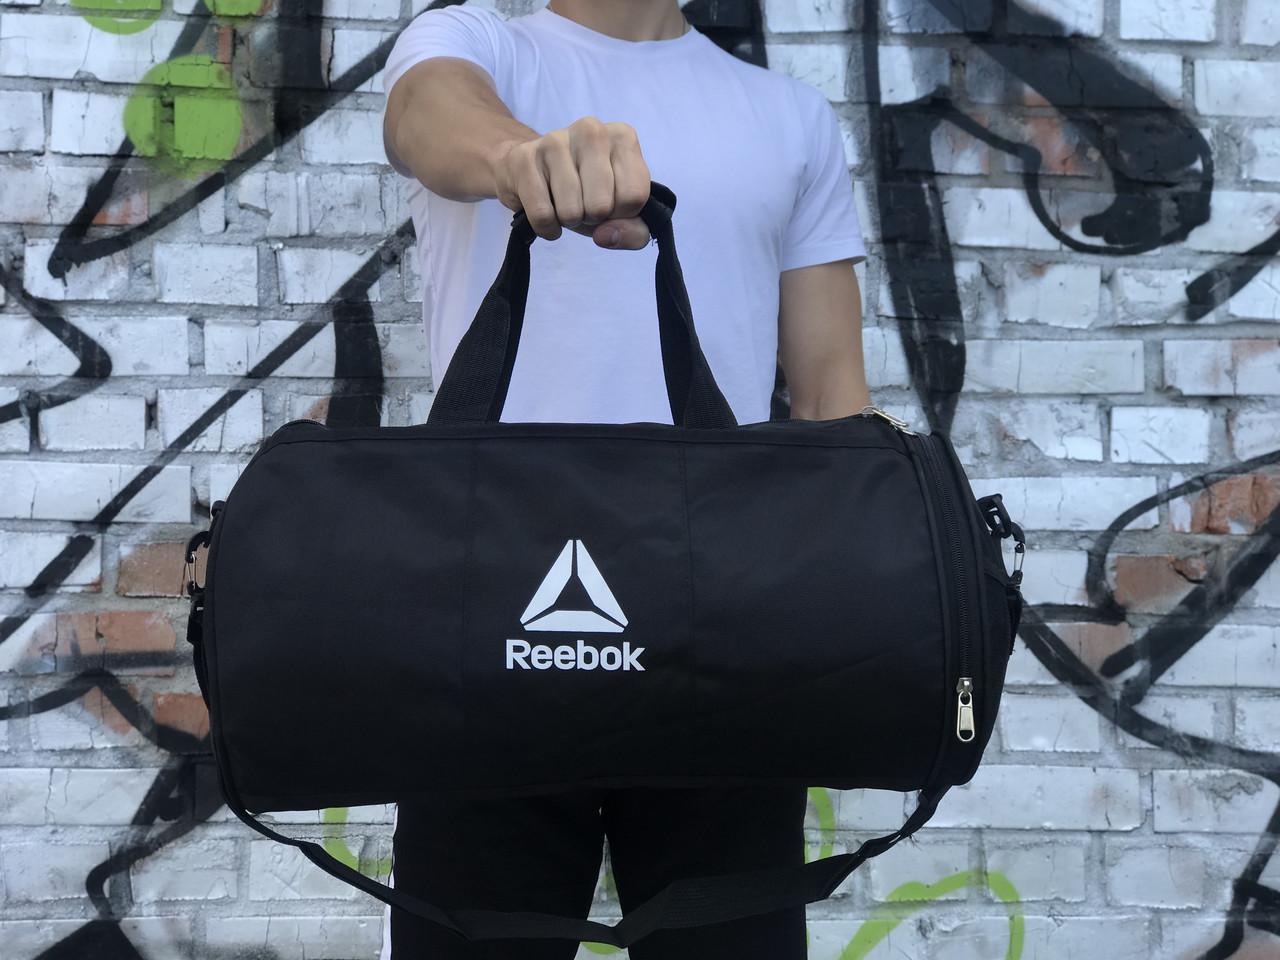 Мужская спортивная сумка в стиле Reebok, черная с белым логотипом